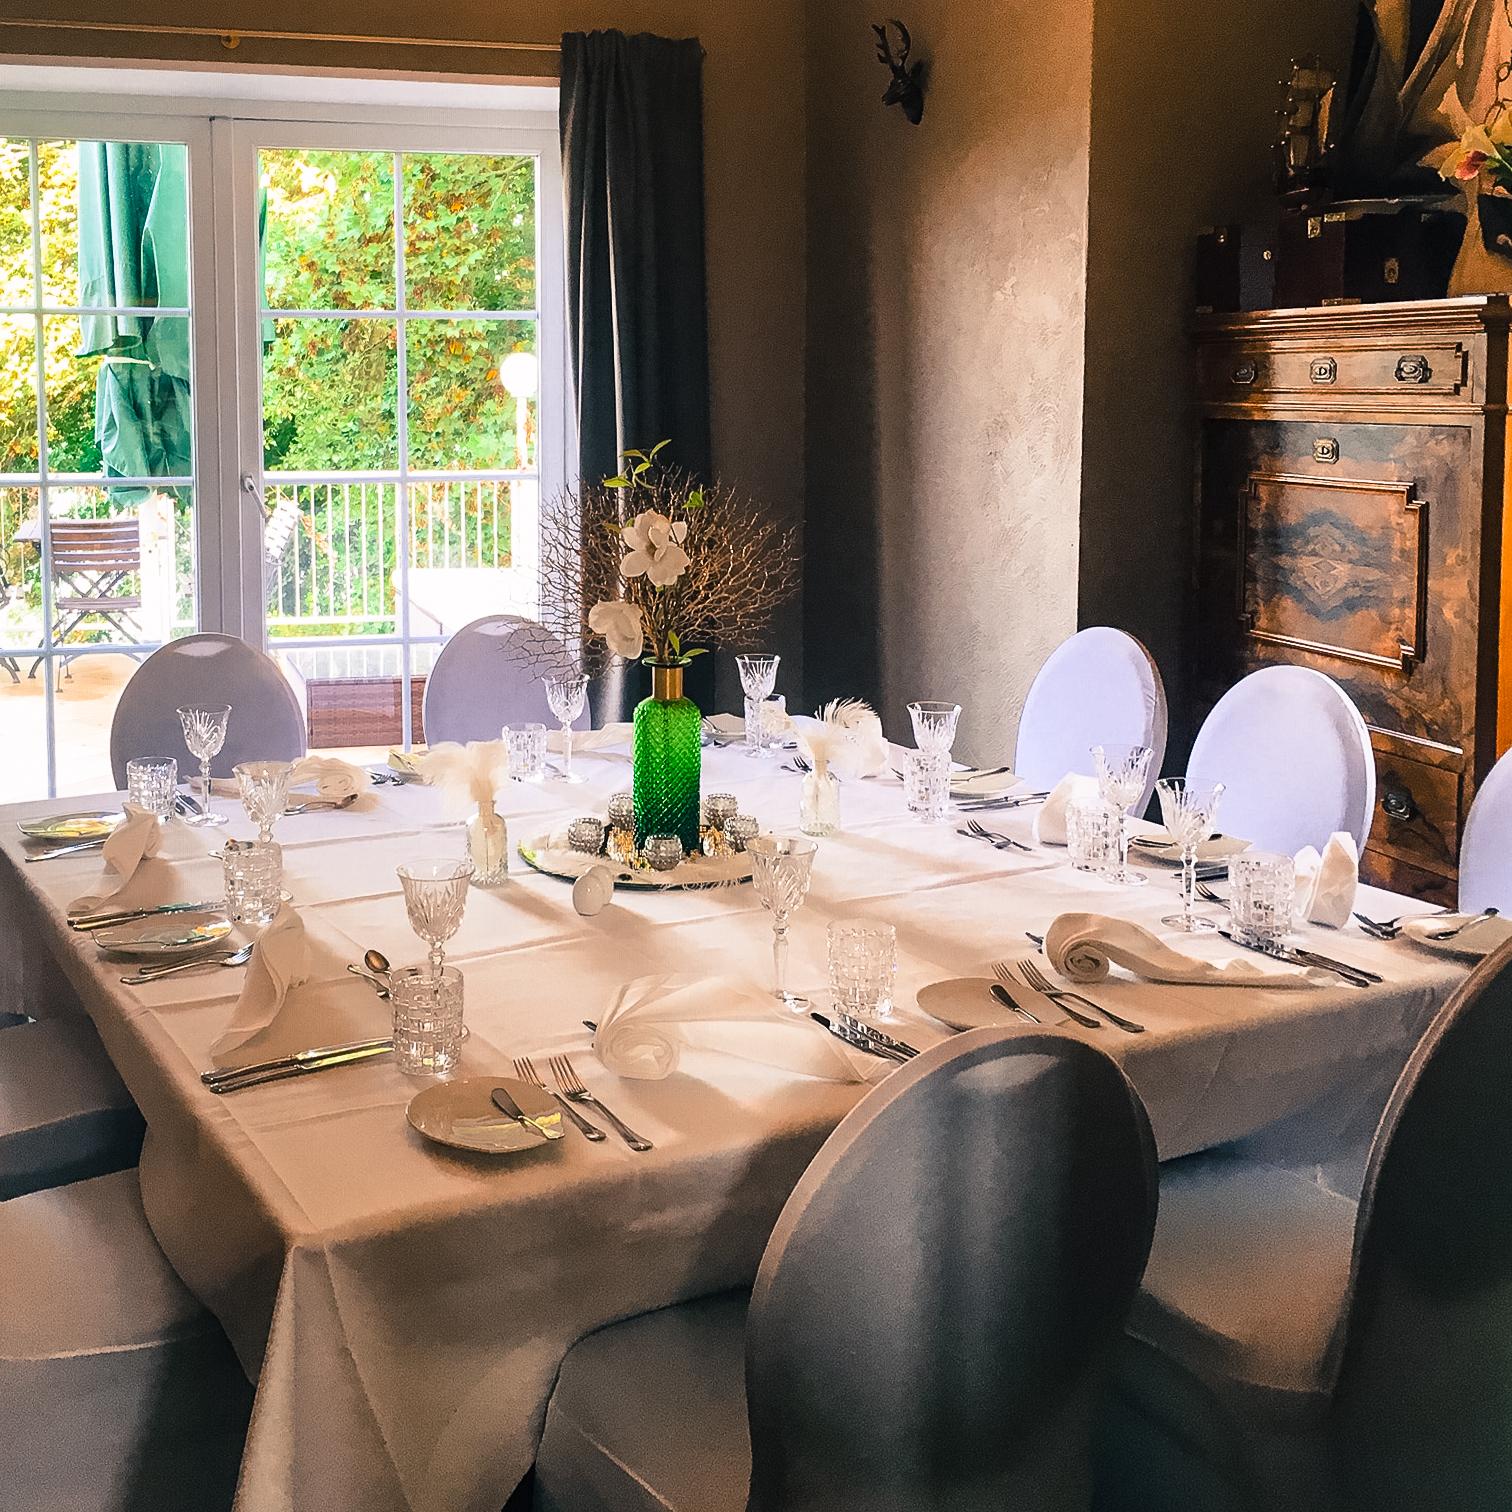 gastro raeume inspiration strandhotel vier jahreszeiten ort buckow restaurant c